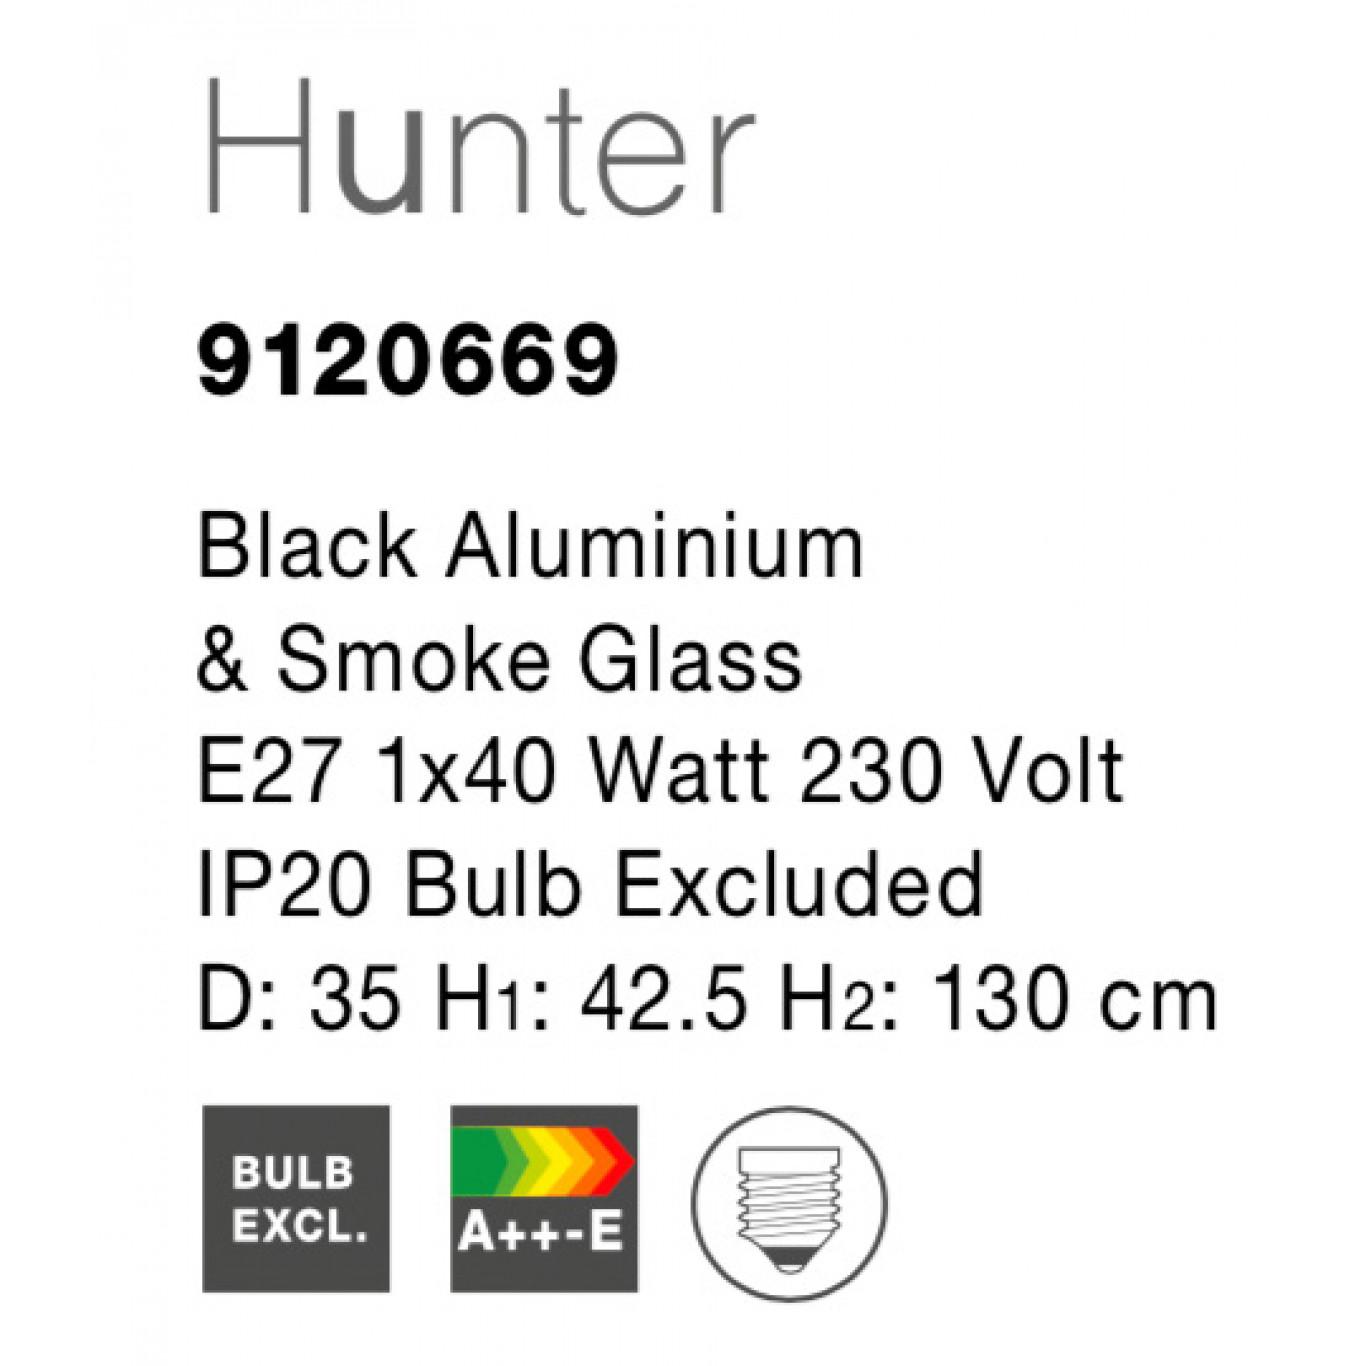 Pendant Light Hunter D 35 cm H 130 cm   Black